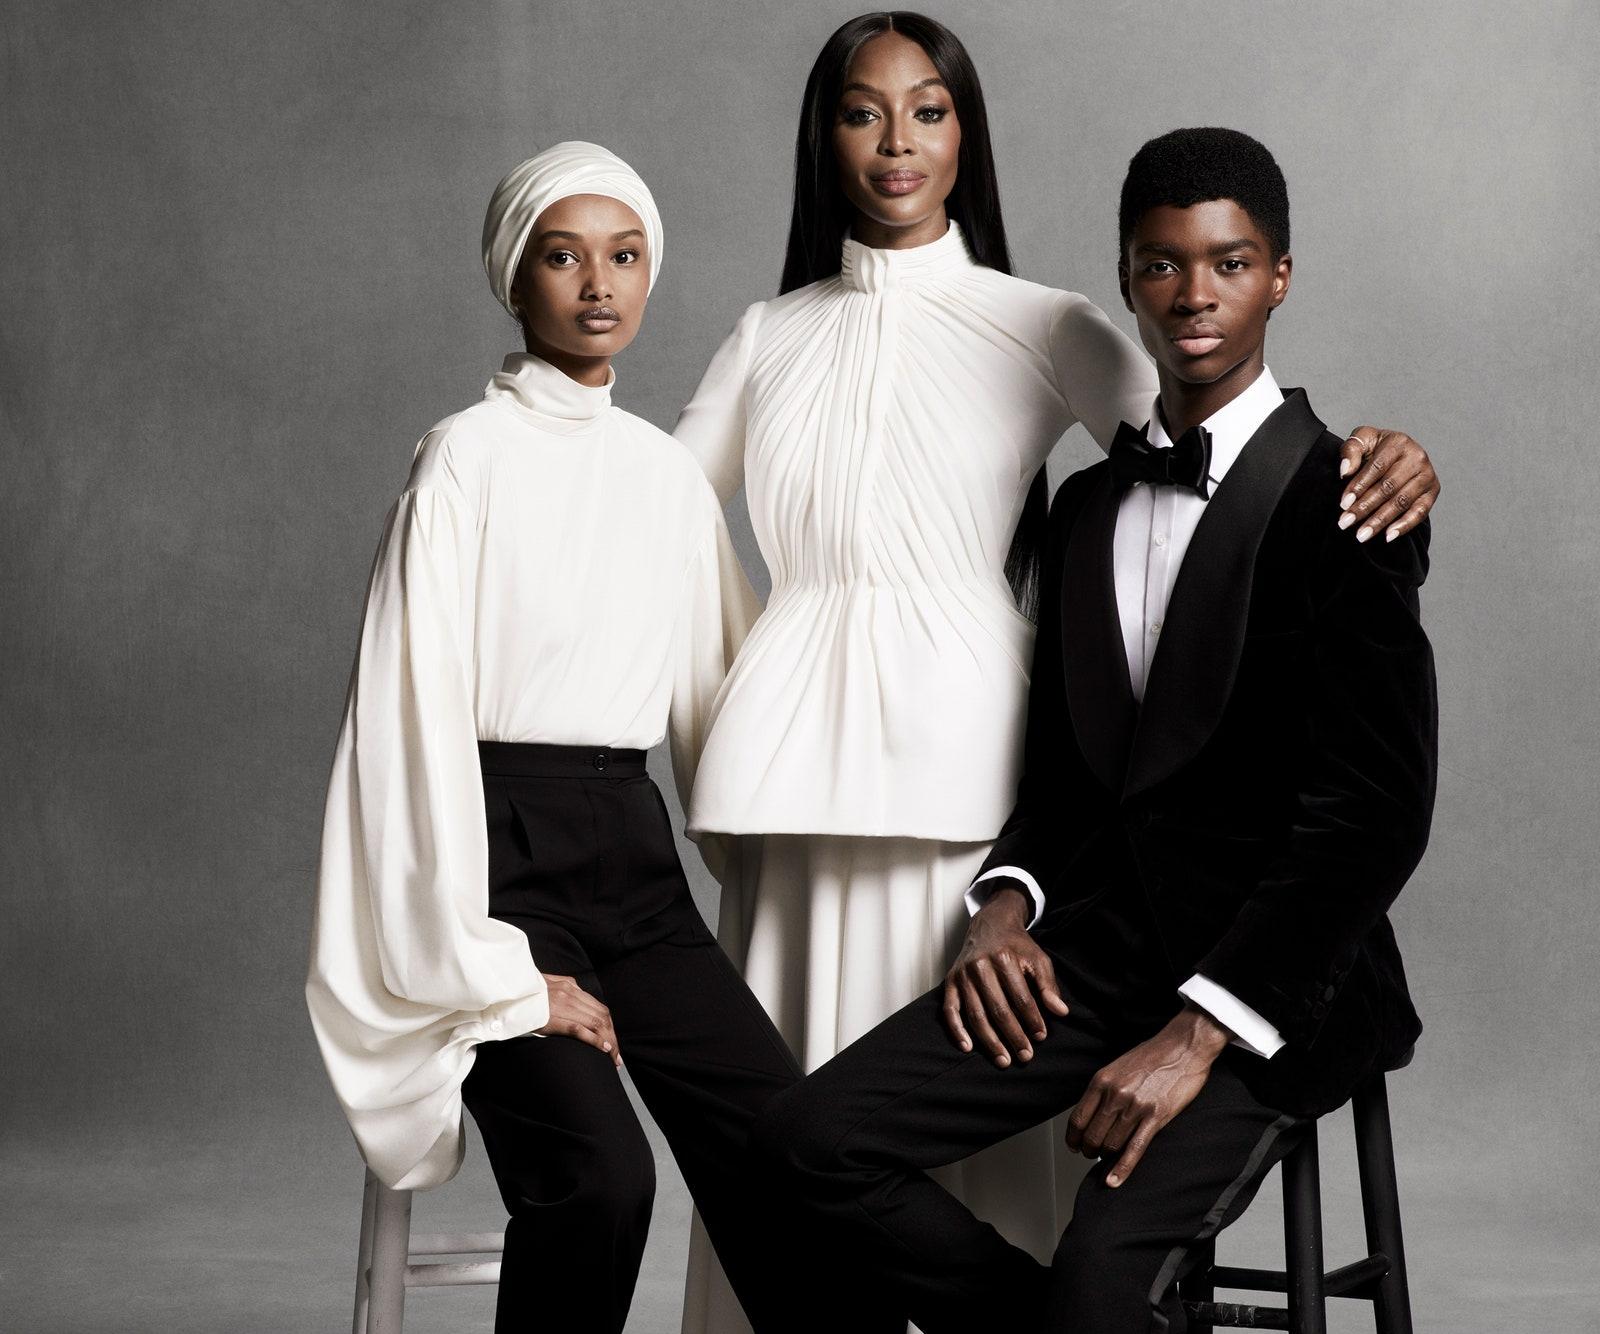 Наоми Кэмпбелл снялась для нового выпуска Vogue, который посвящен протестам в США (ФОТО) - фото №2